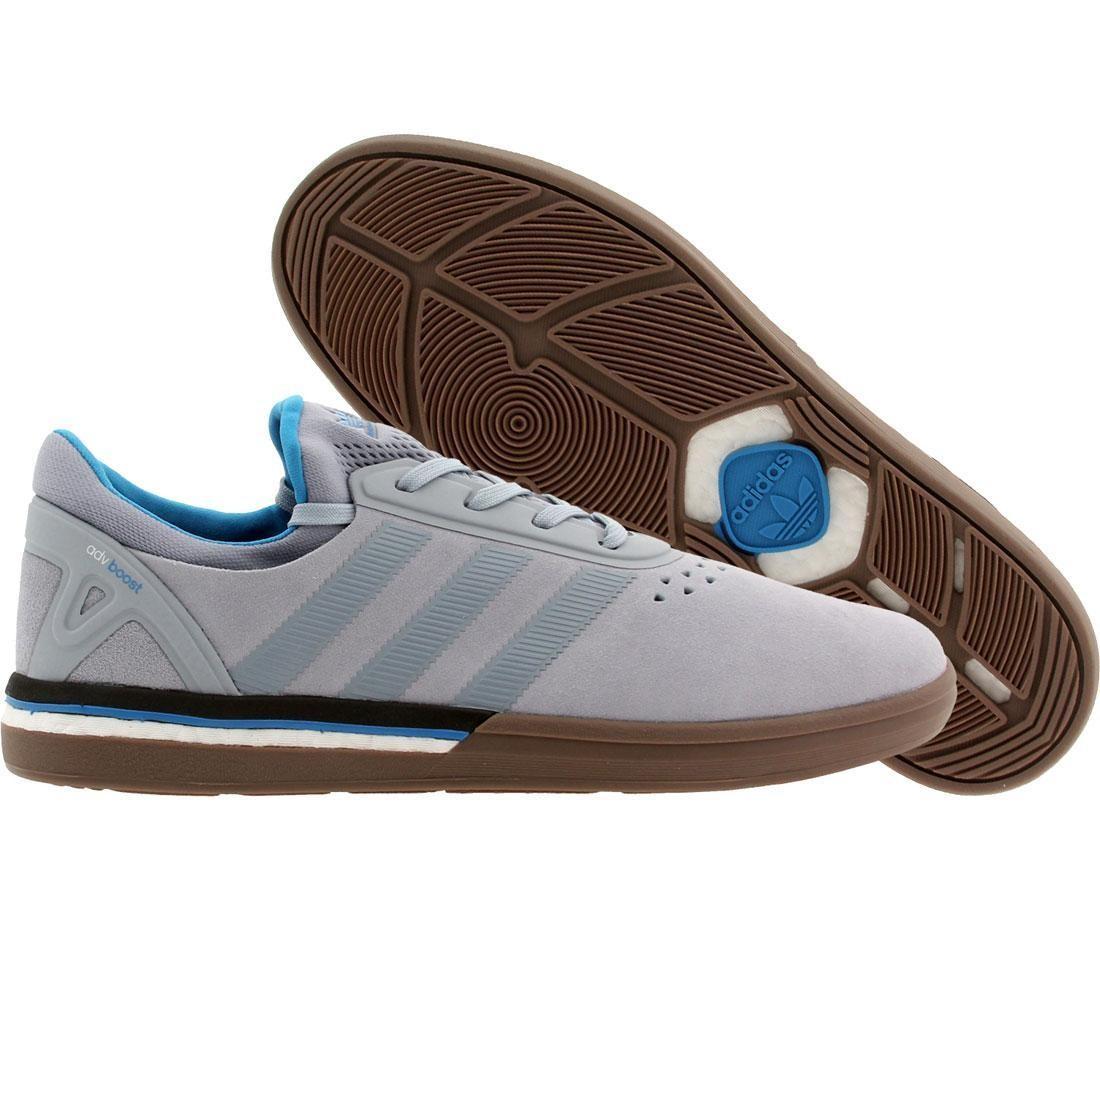 【海外限定】アディダス スケート ブースト メンズ靴 スニーカー 【 ADIDAS SKATE MEN ADV BOOST BLUE DUSBLU SOLBLU 】